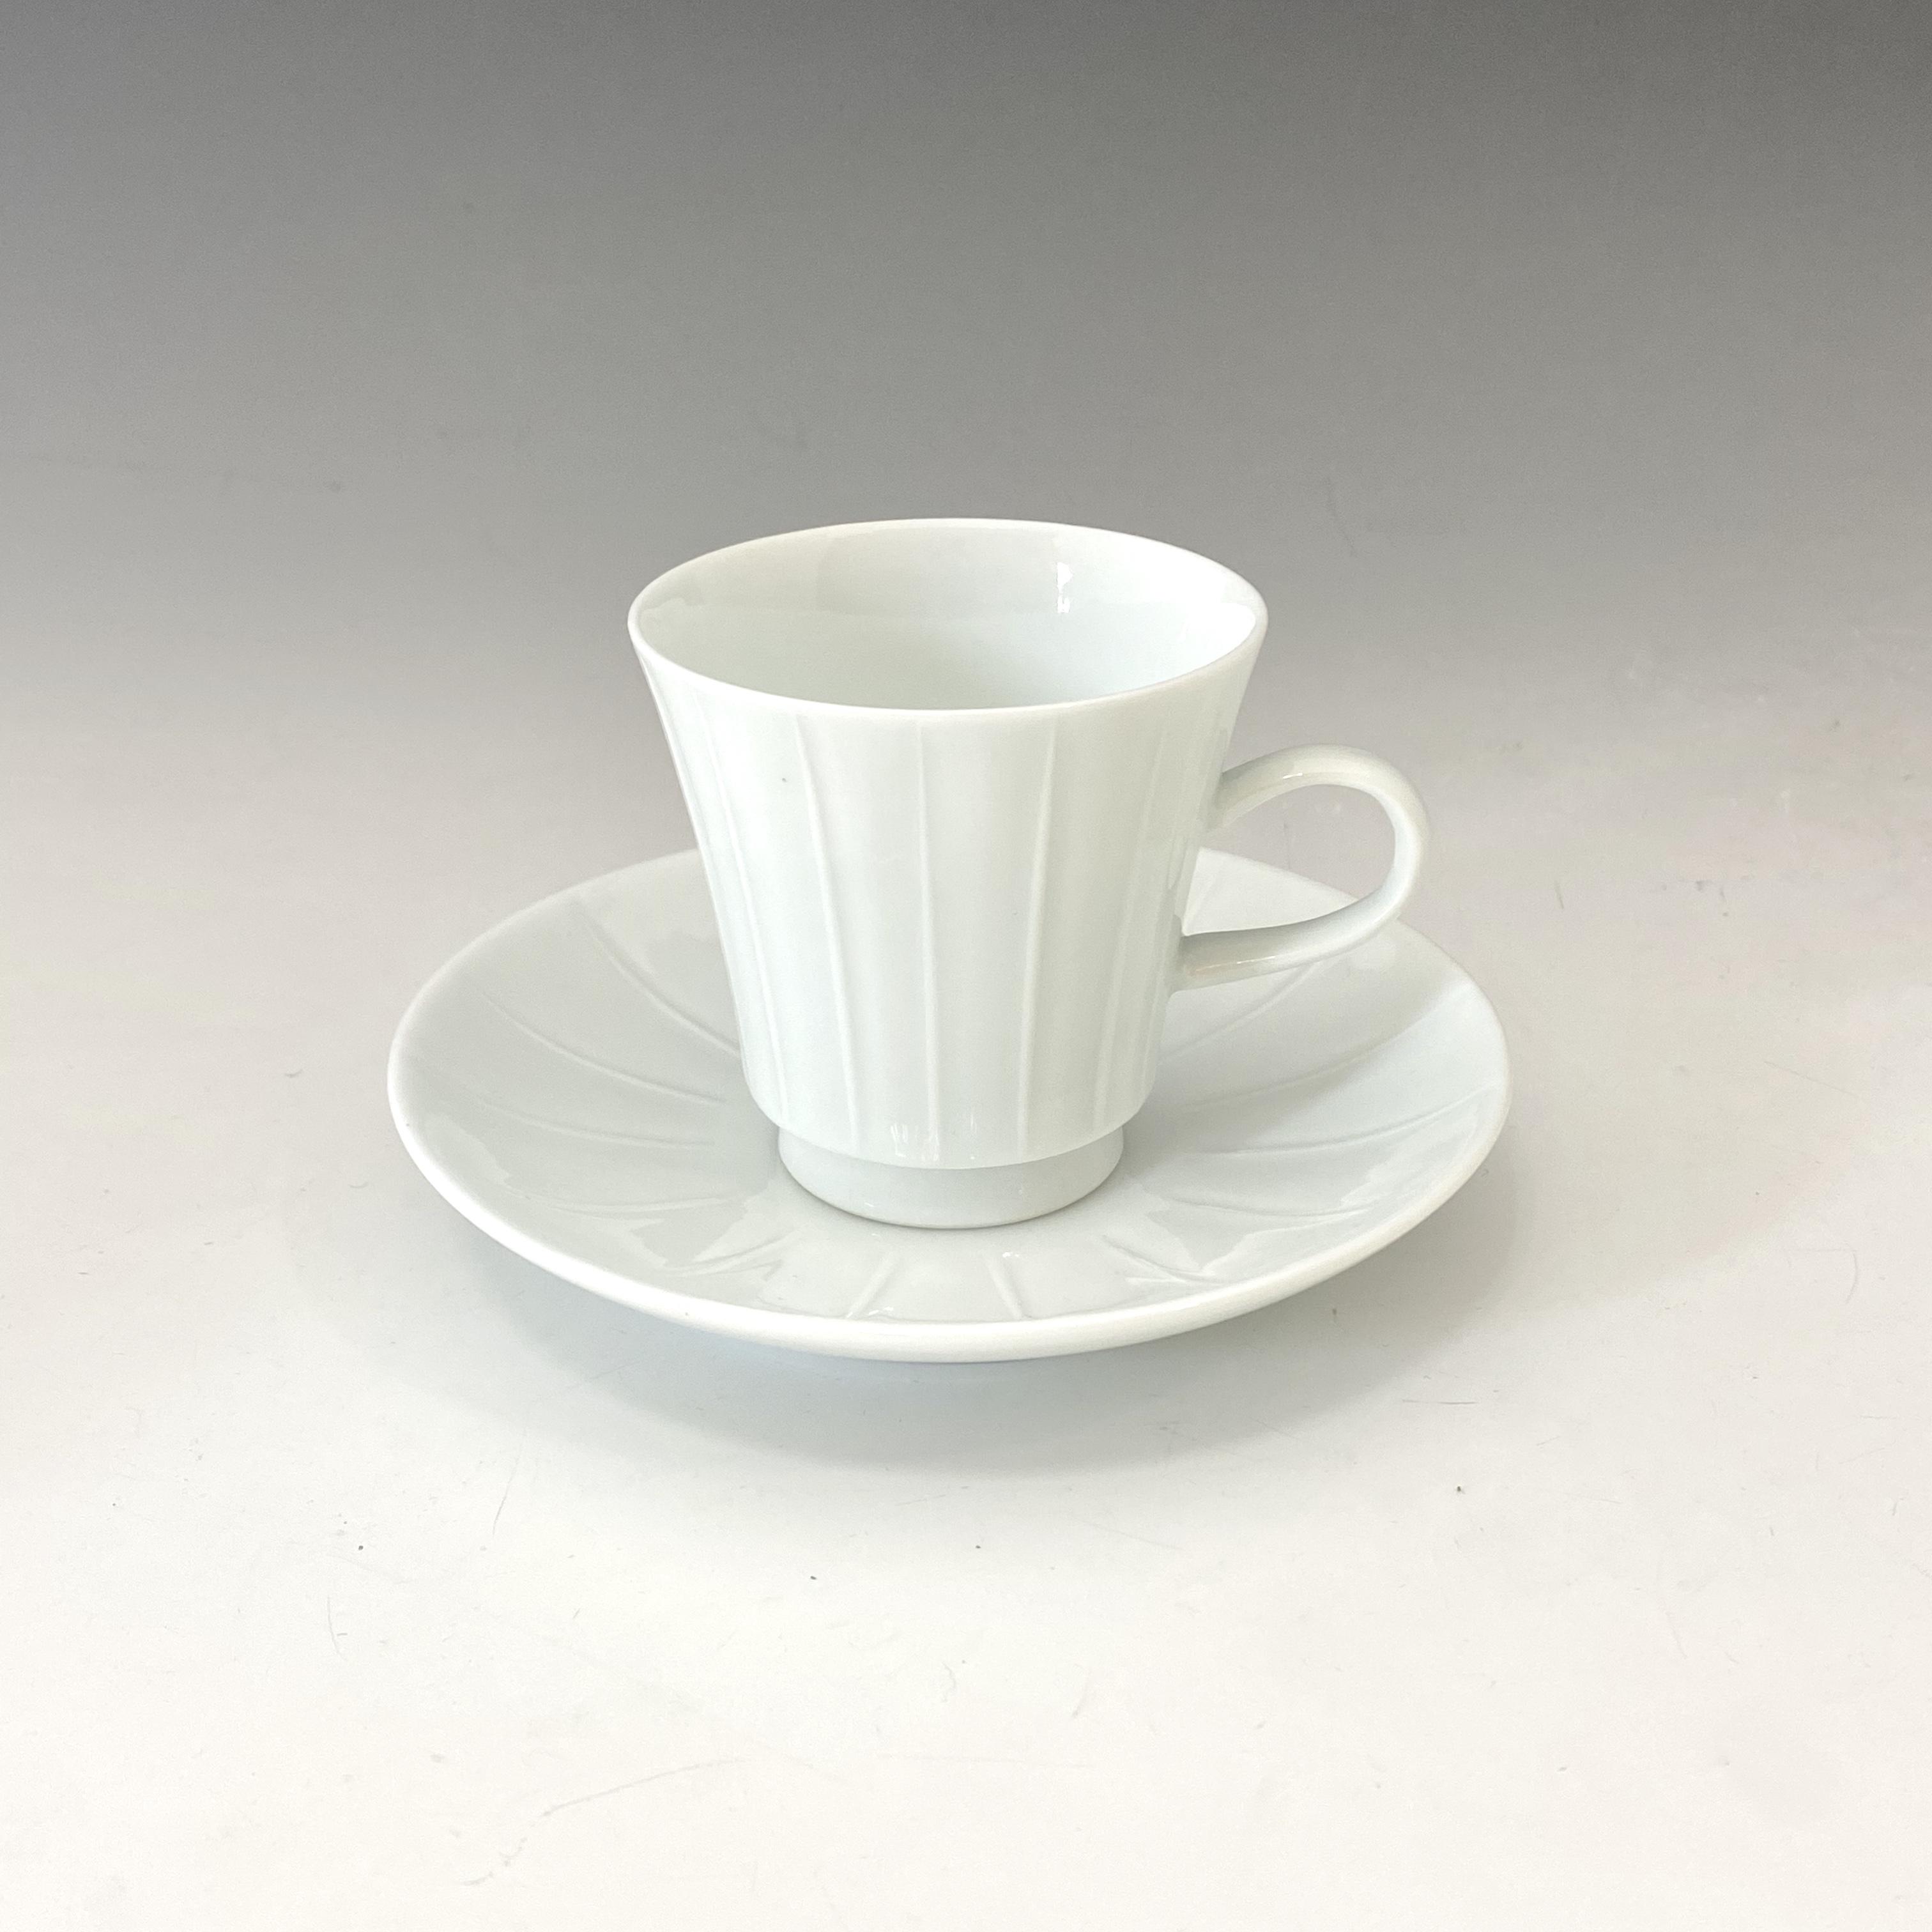 【中尾恭純】白磁線彫エスプレッソ碗皿